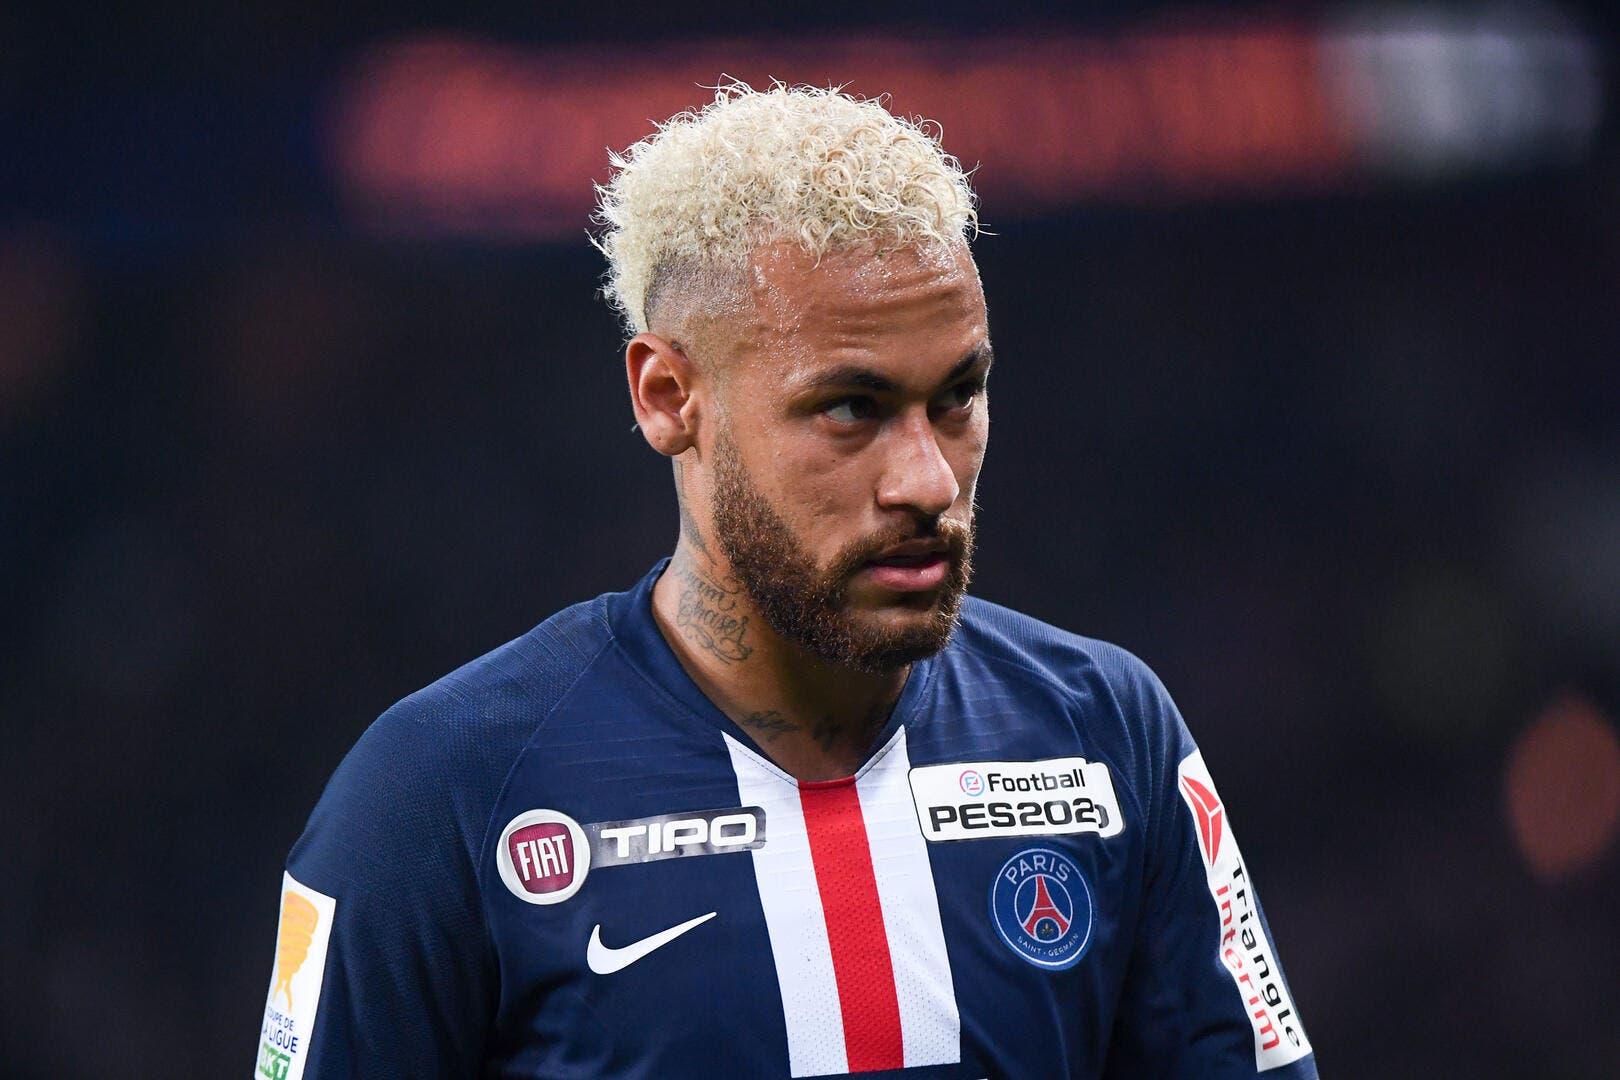 PSG : Le Qatar n'a rien à craindre pour Neymar, la raison tombe